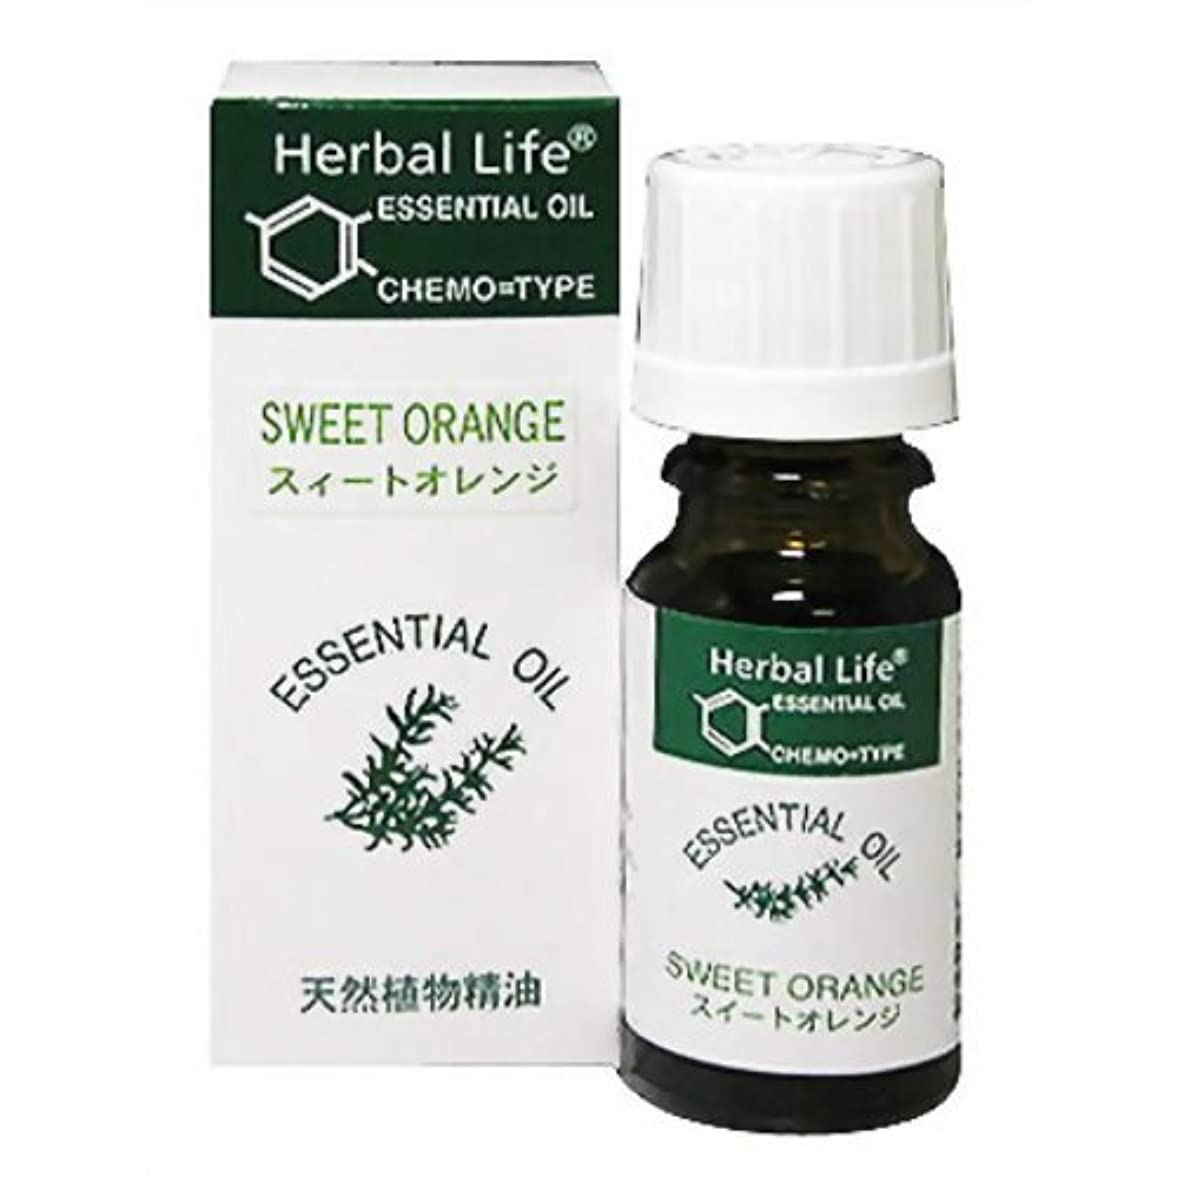 とても均等に非アクティブ生活の木 Herbal Life スィートオレンジ 10ml